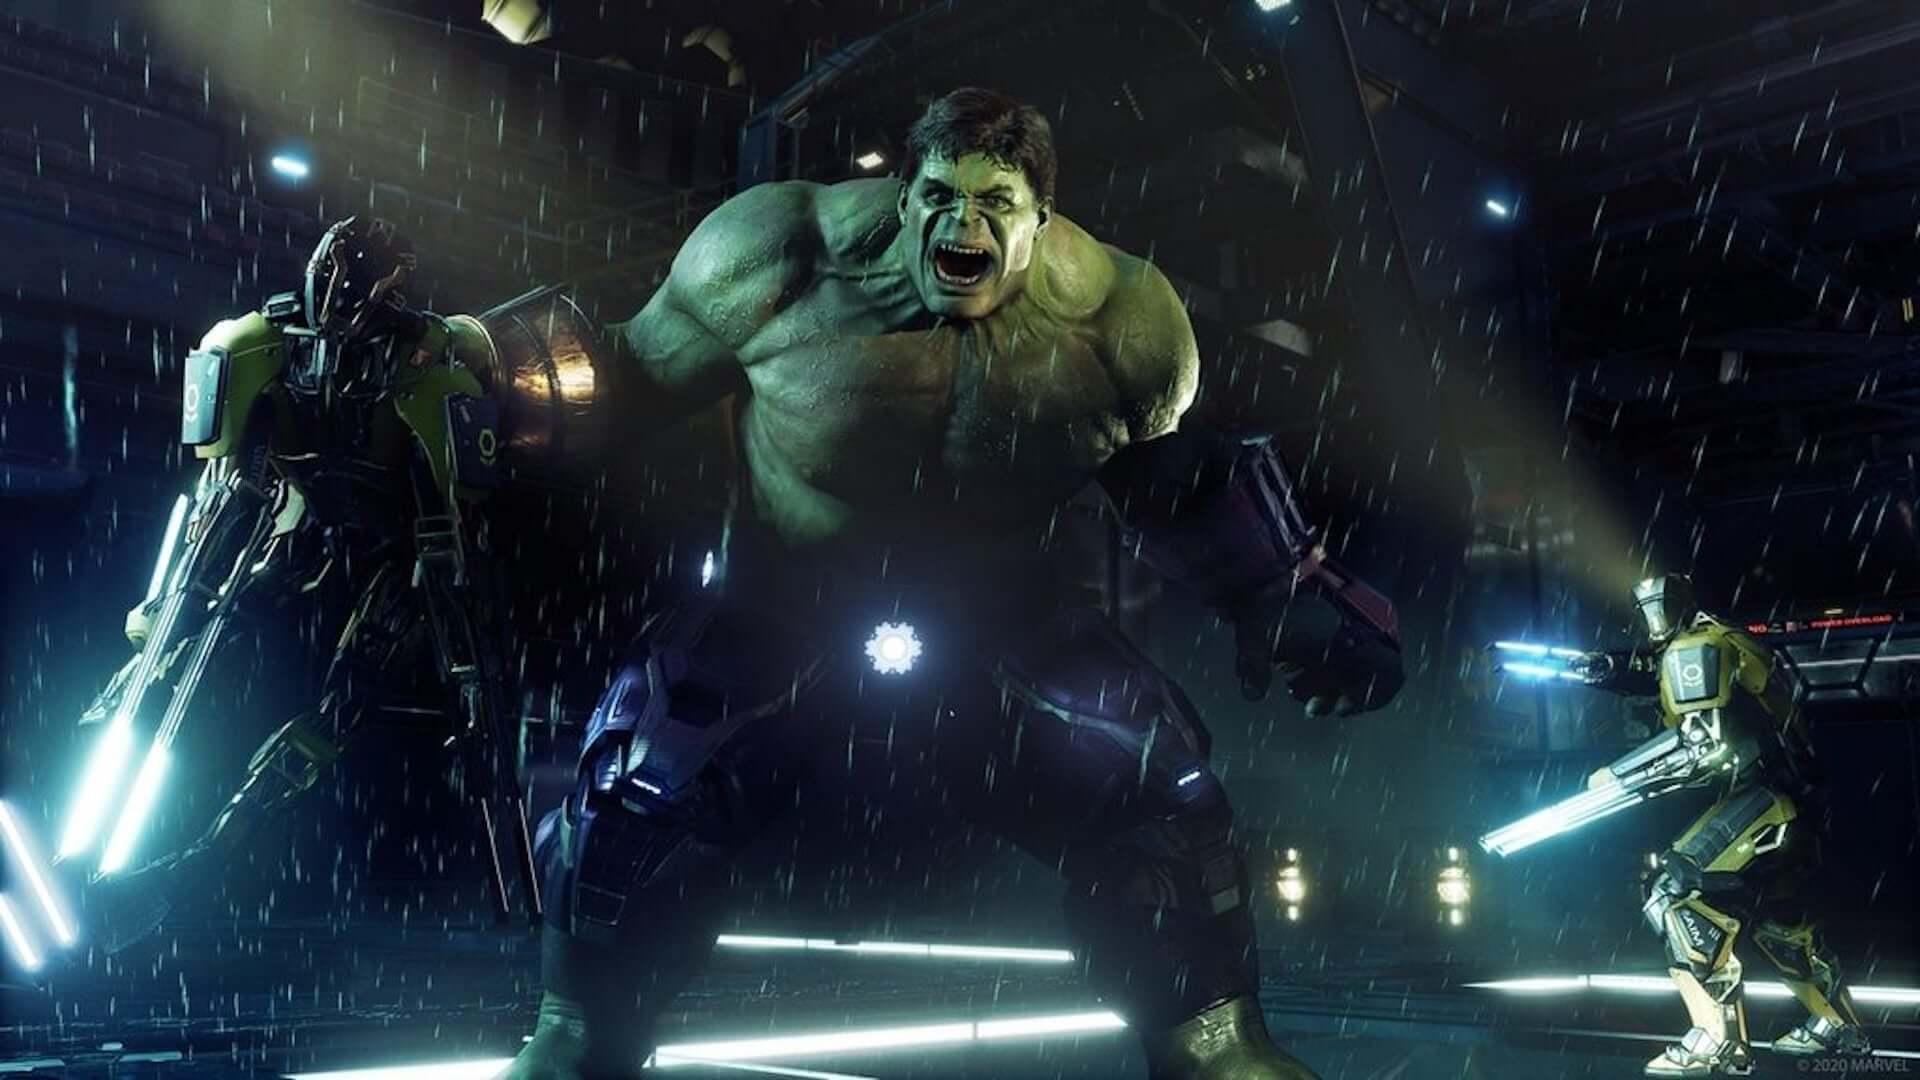 スクウェア・エニックス『Marvel's Avengers』のPlayStation 5/Xbox Series X版が発売決定!PS4/Xbox One版からの無料アップグレードも art200702_avengers_5-1920x1080